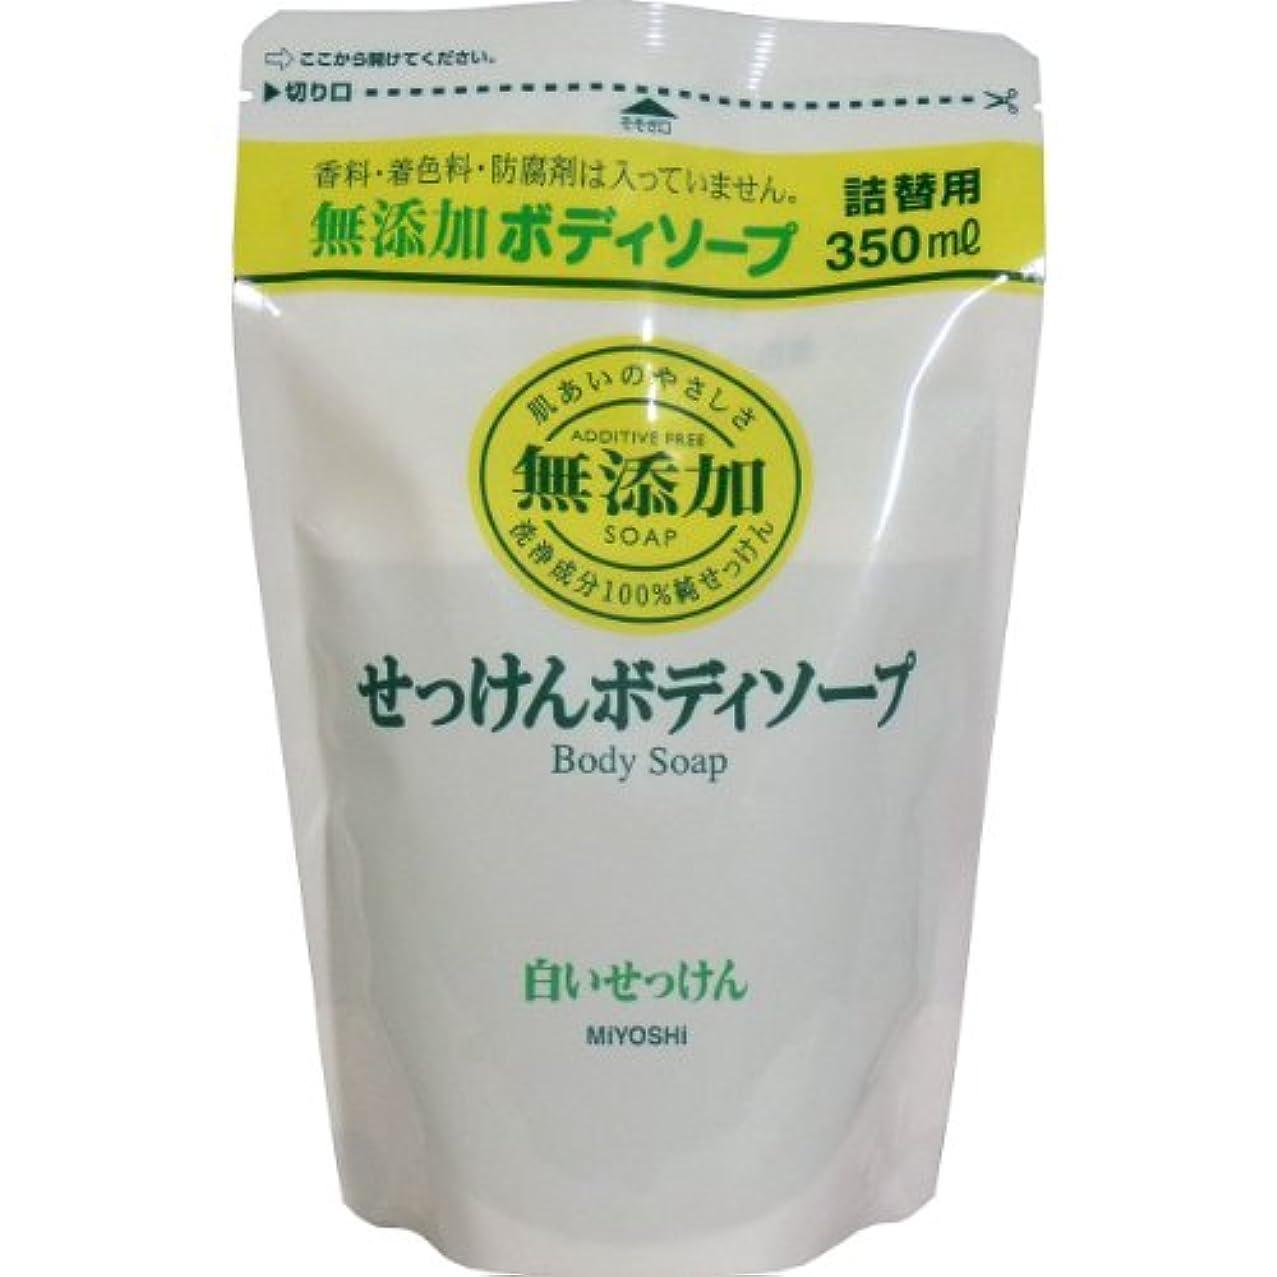 退屈な決してインシュレータミヨシ 無添加 ボディソープ 白い石けん つめかえ用 350ml(無添加石鹸) x 10個セット